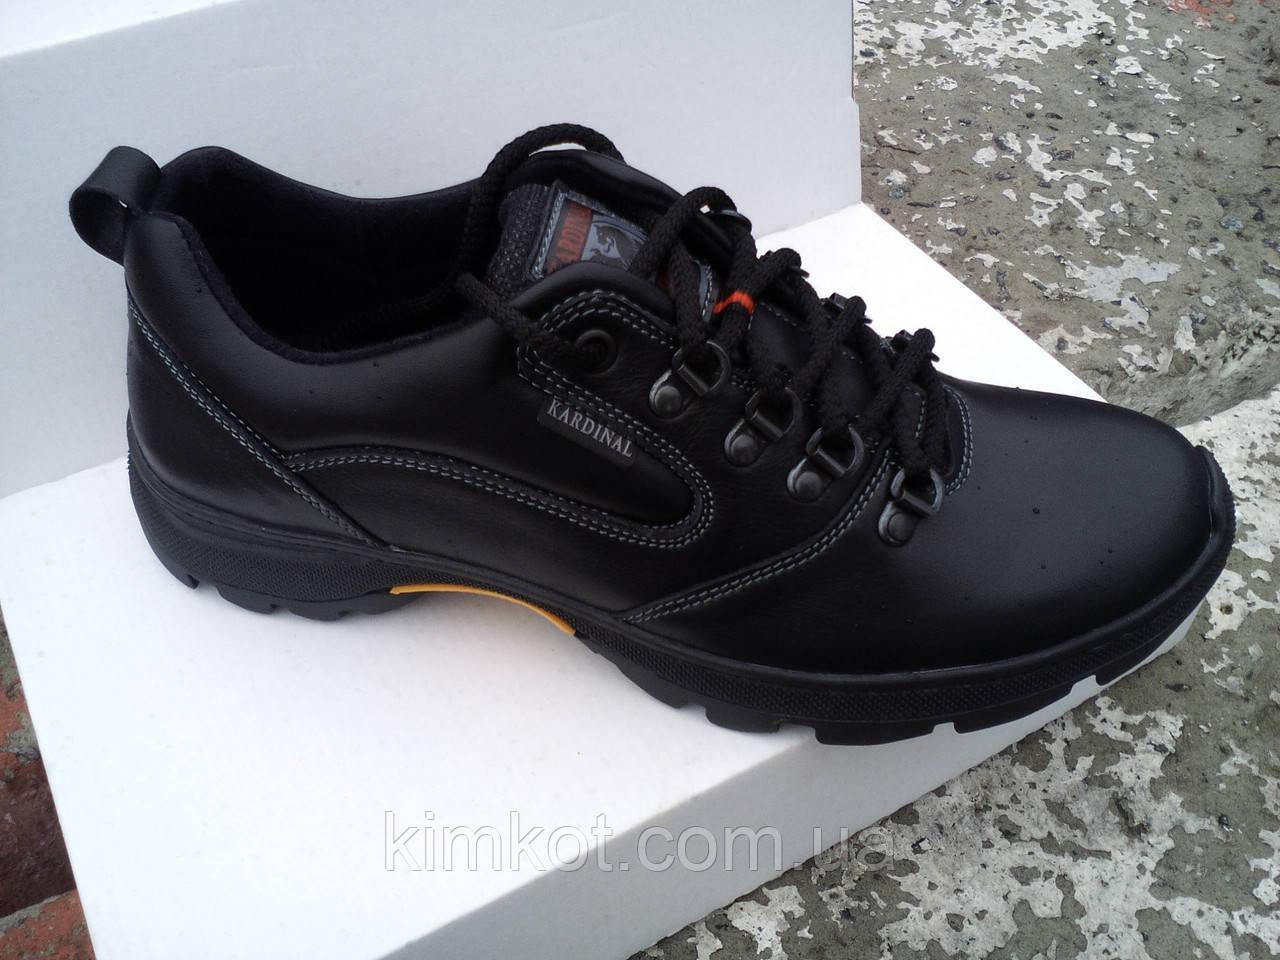 3fef42fca Кроссовки мужские кожаные KARDINAL 40 -45 р-р - Интернет-Магазин